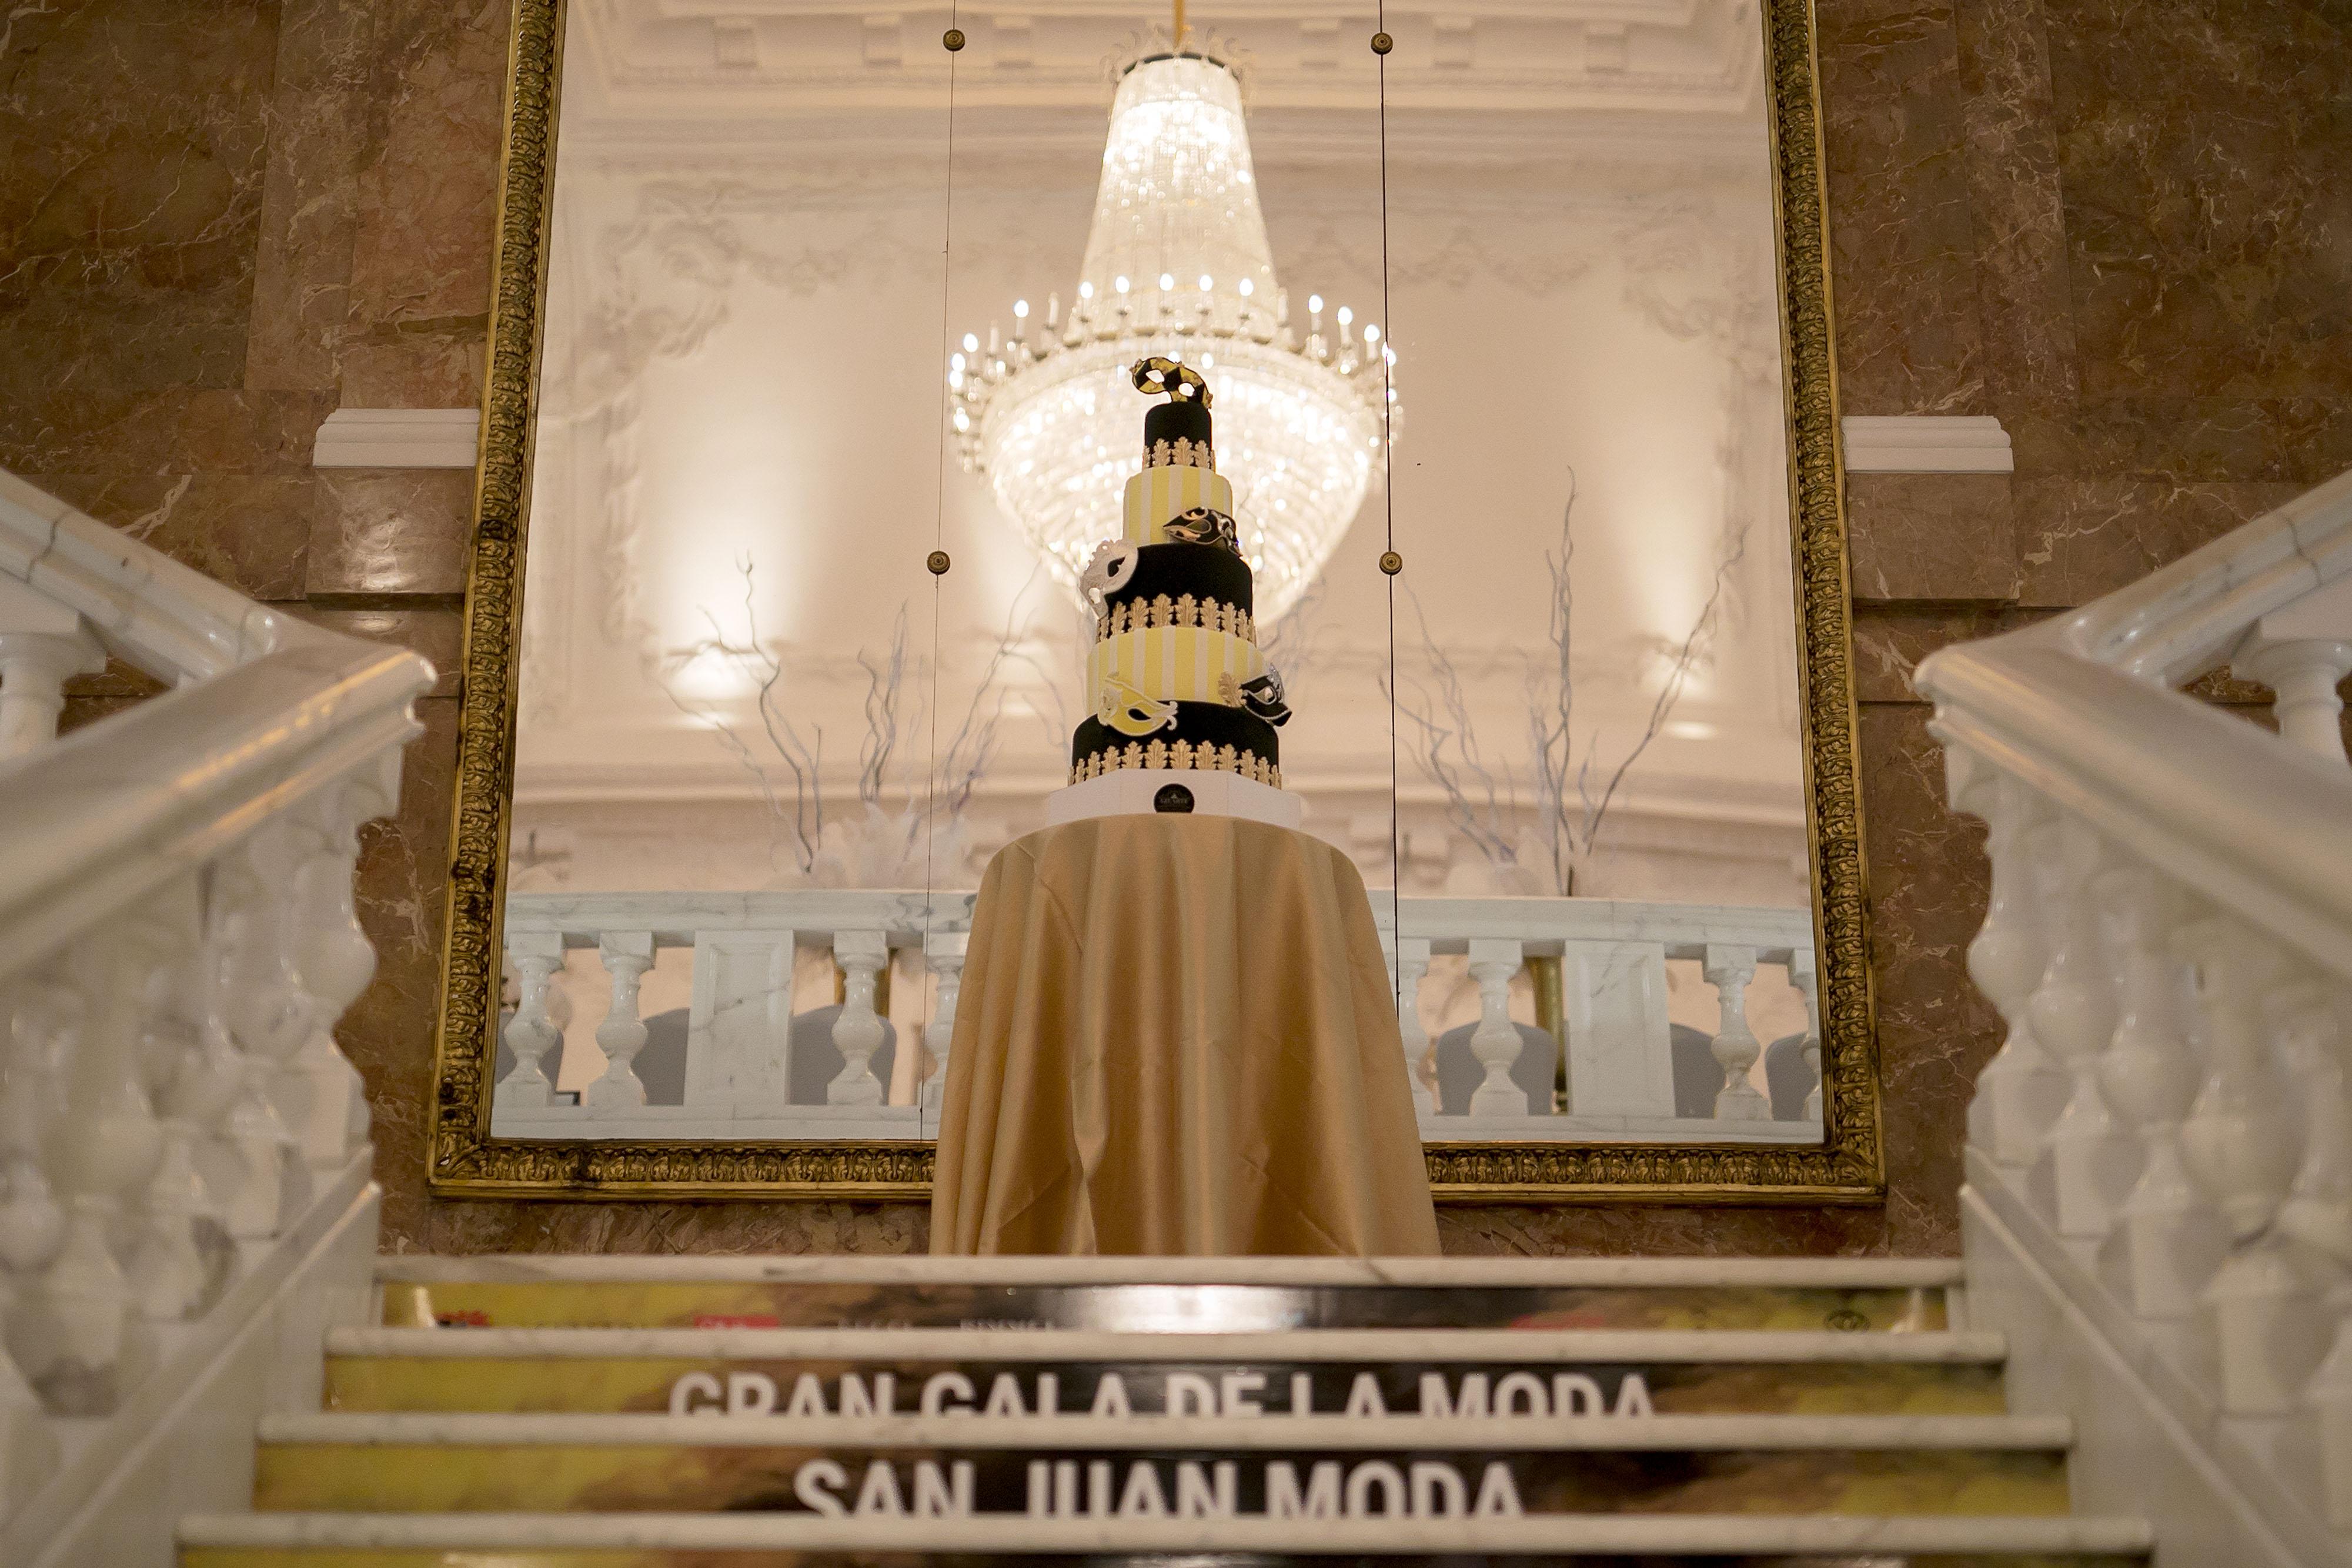 Un bizcocho en negro, blanco y dorado recibía a los invitados, antes de subir al gran salón de banquetes. Foto Xavier García